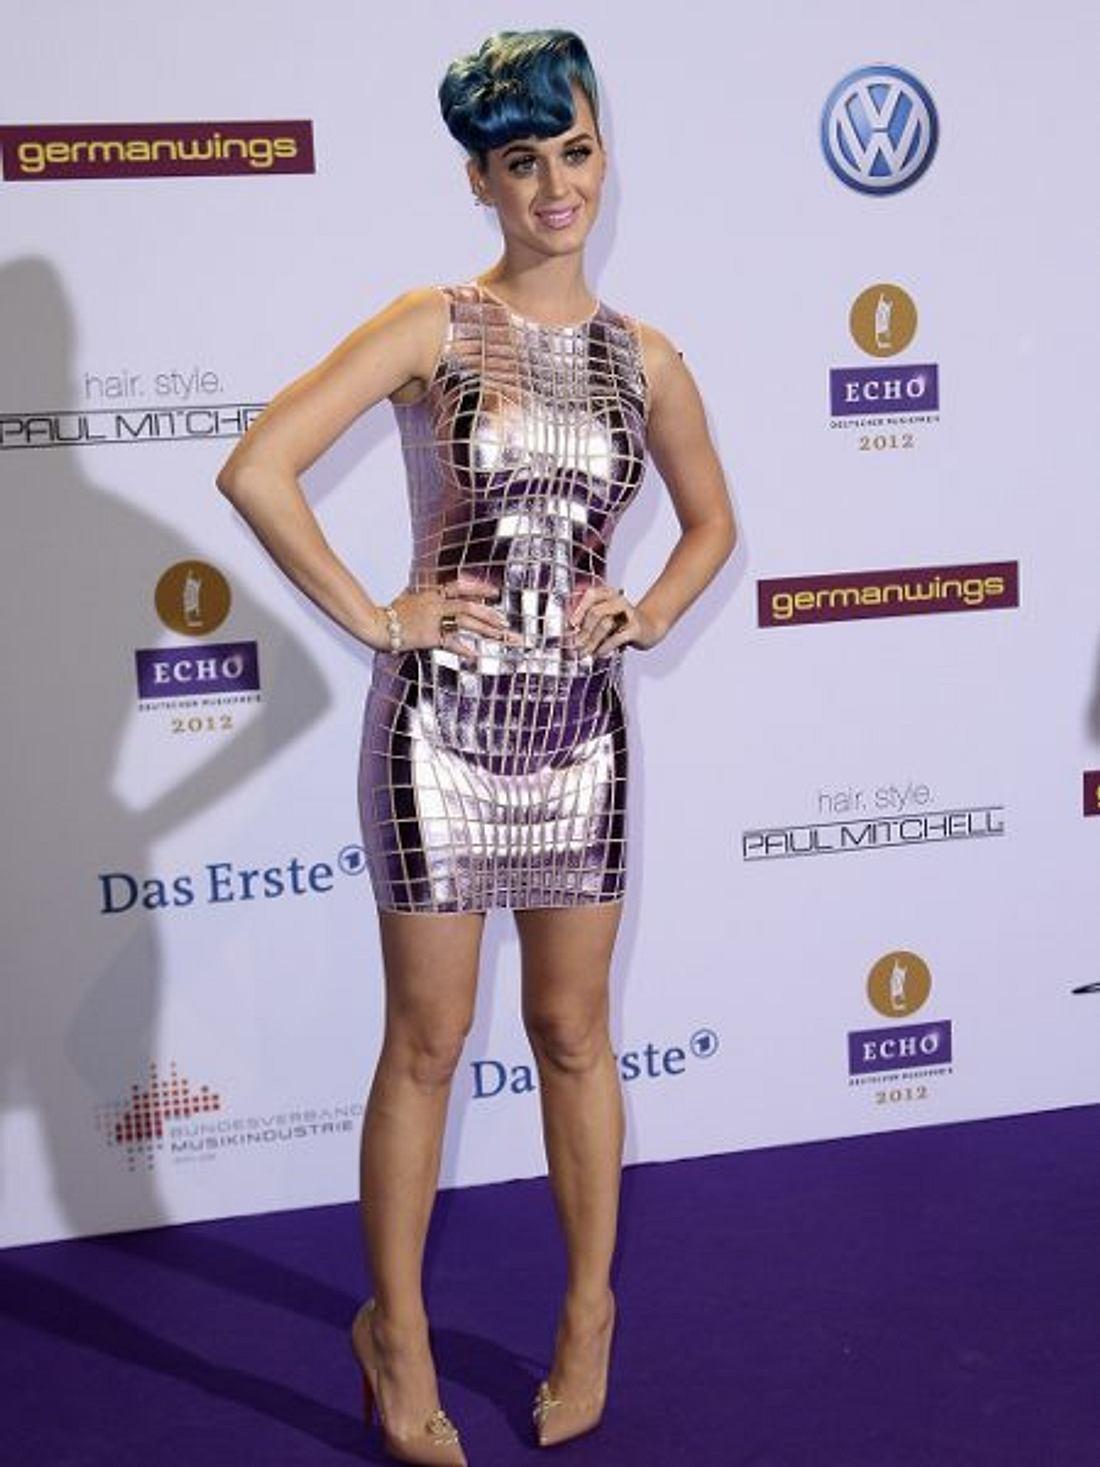 Katy Perry - ihr neuer LookOut Of Space! Katy Perry scheint nicht von dieser Welt. Im Metallic-Look begeisterte sie beim Echo 2012.